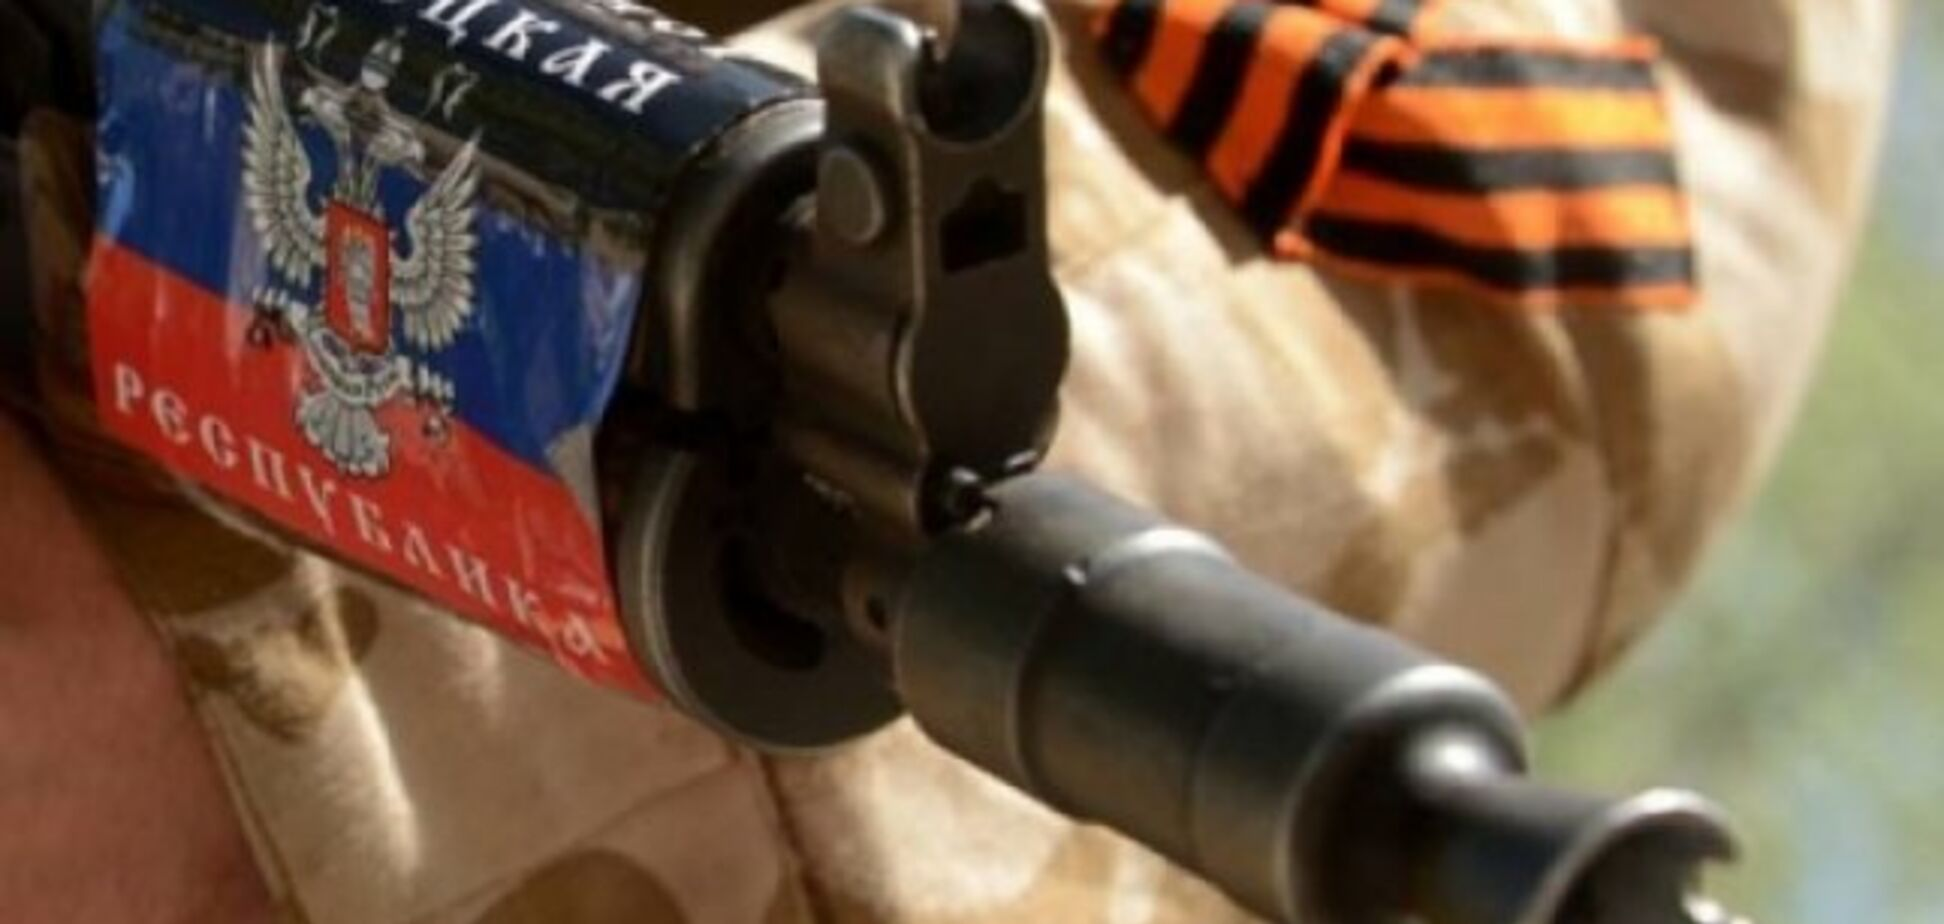 Вбивати українців закінчив: у мережі показали фото ліквідованого терориста ''ДНР''